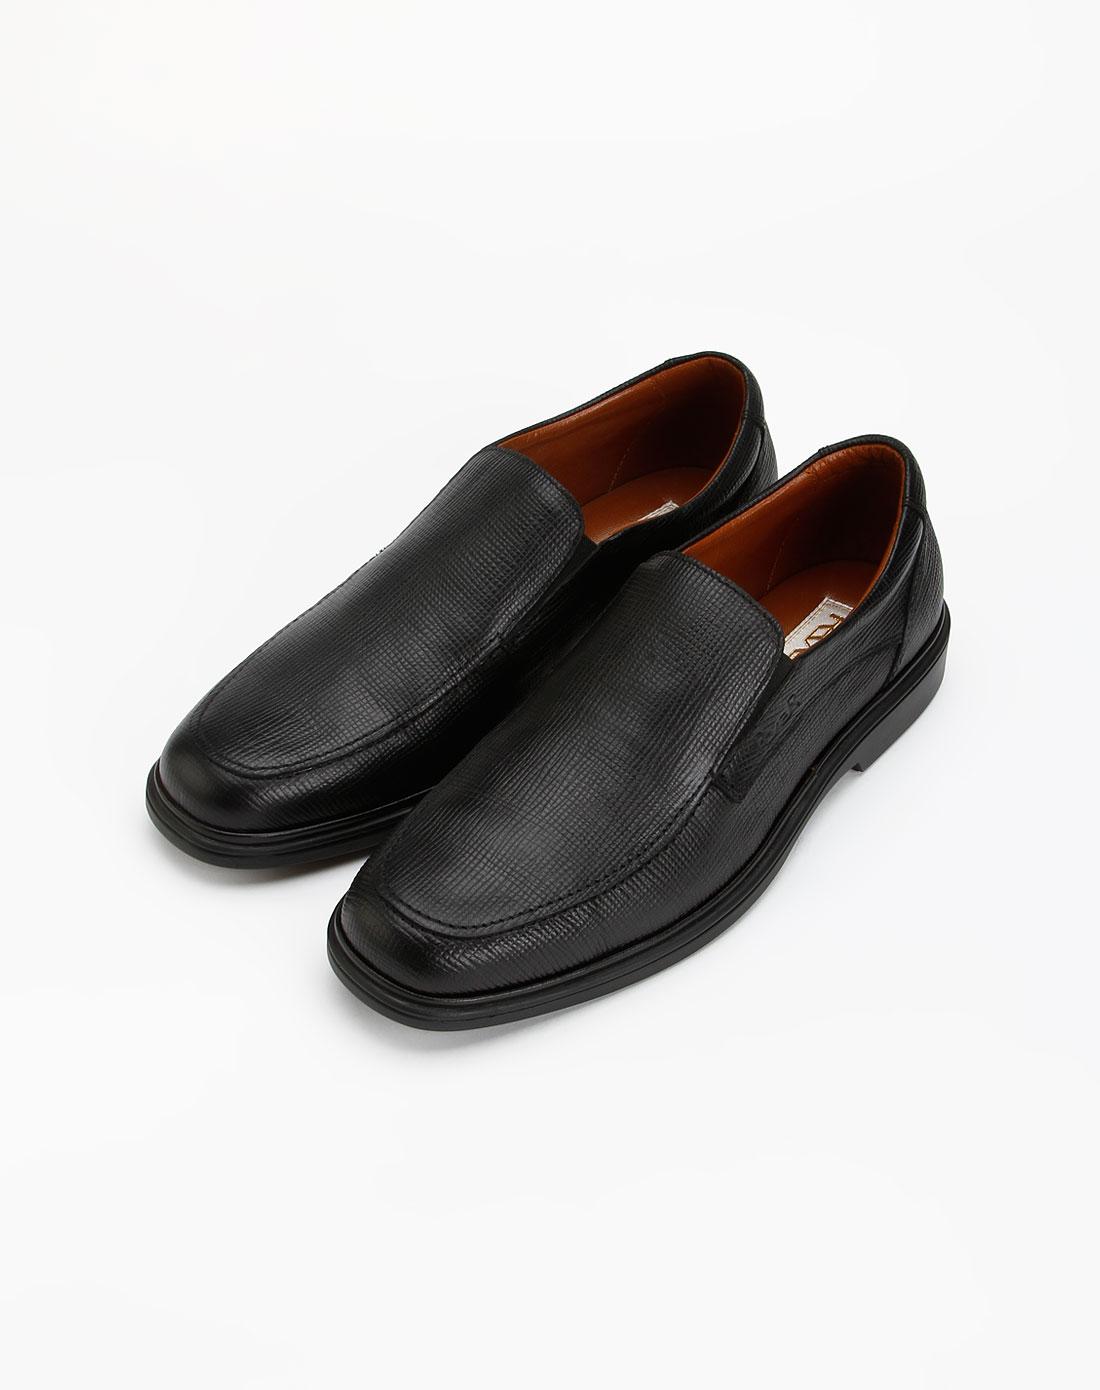 男款黑色牛皮鞋子_路宝rover特价